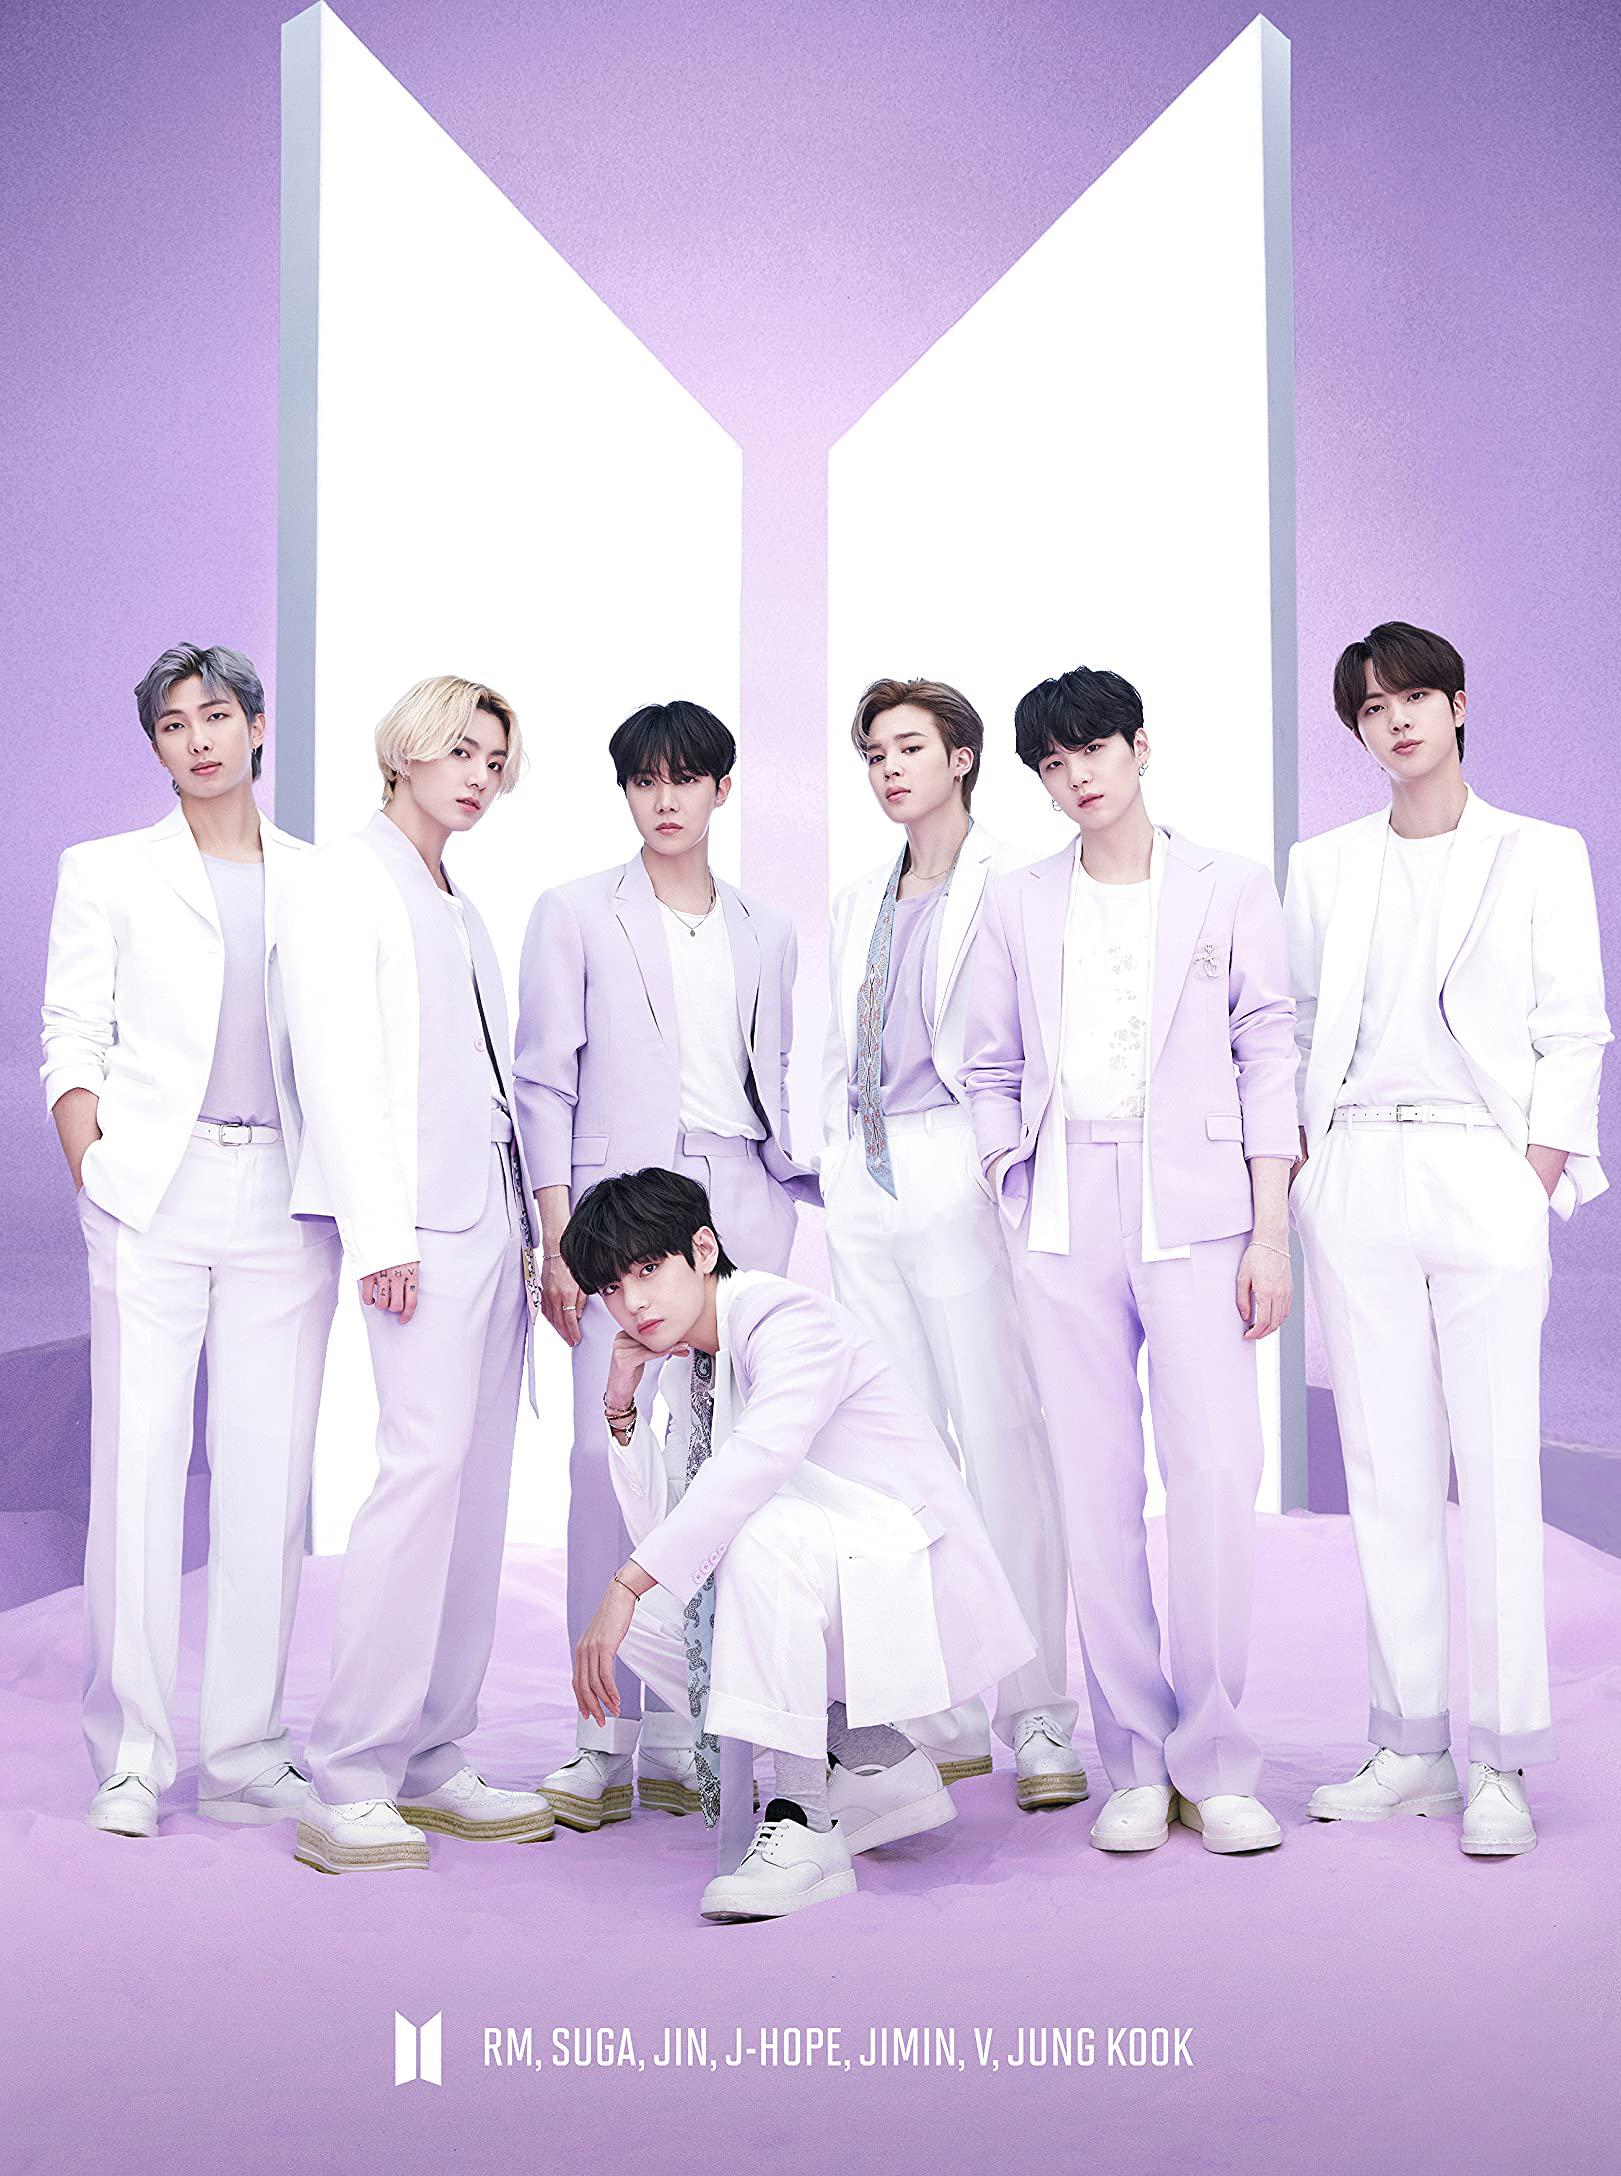 BTSのメンバー紹介!メンバーカラーや見分け方をチェック